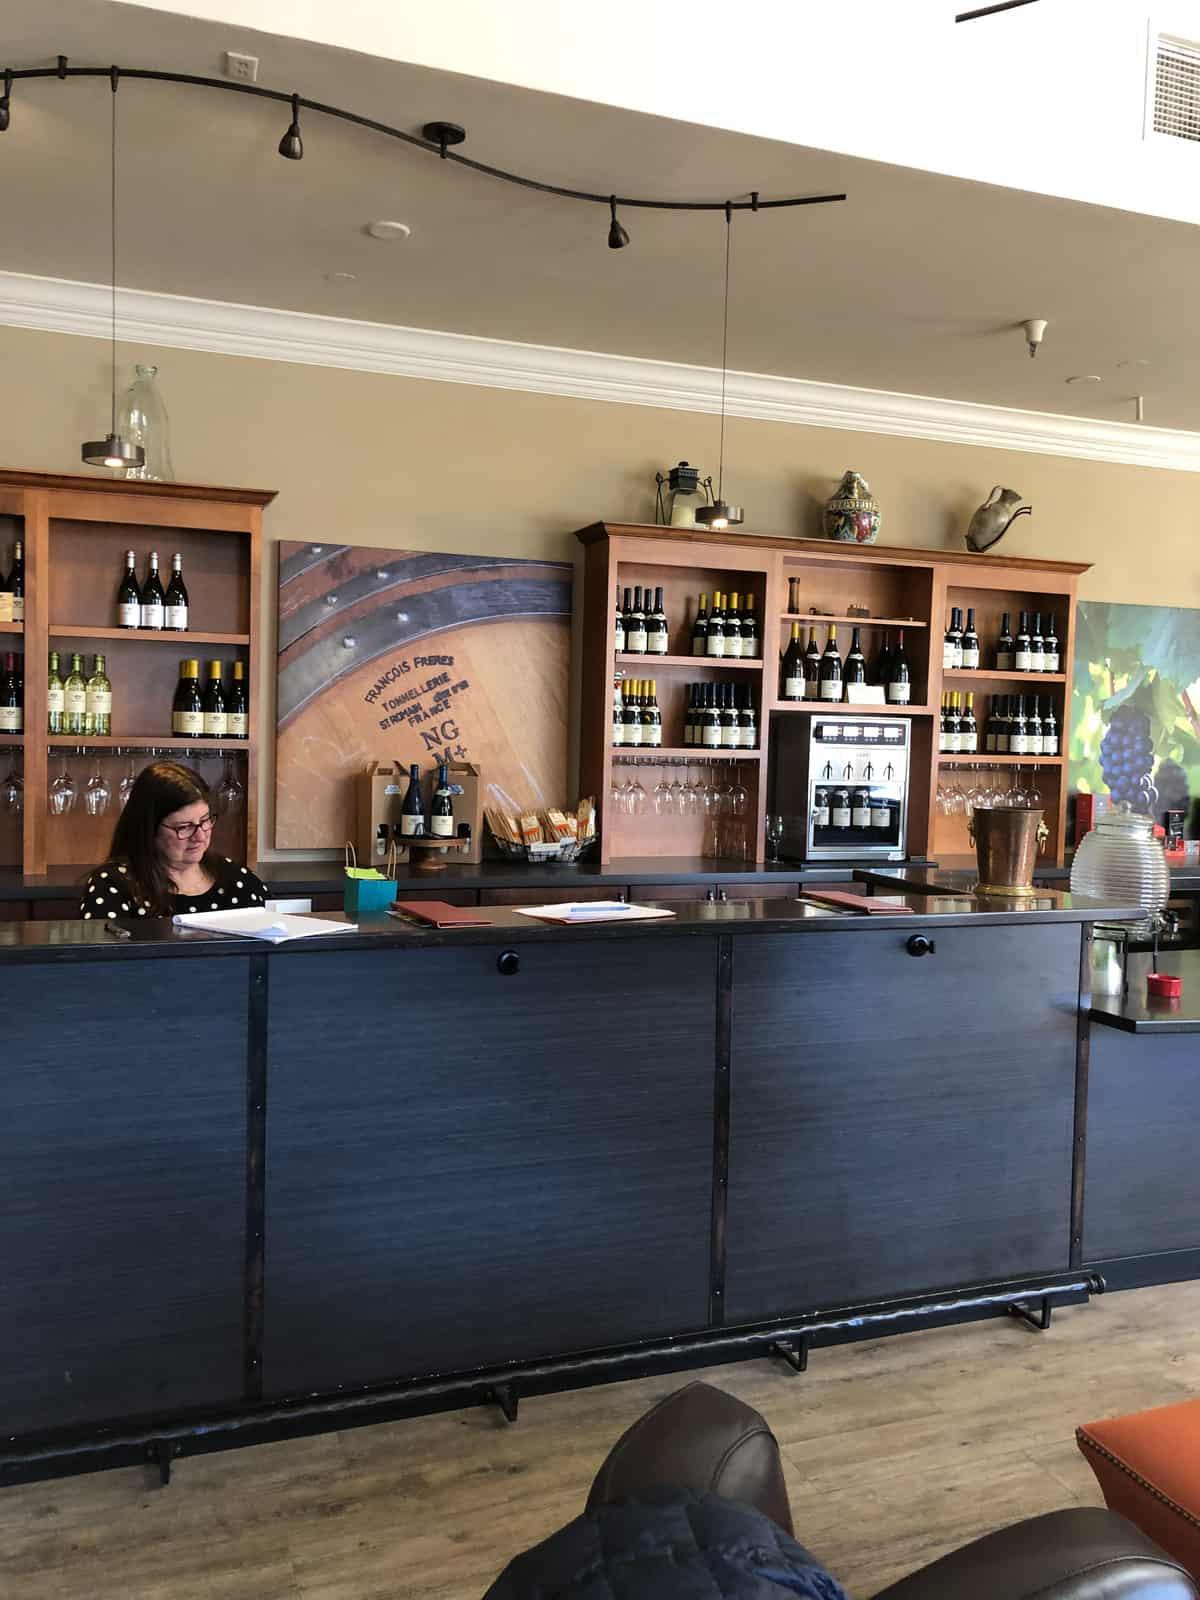 morgan tasting room bar before remodel